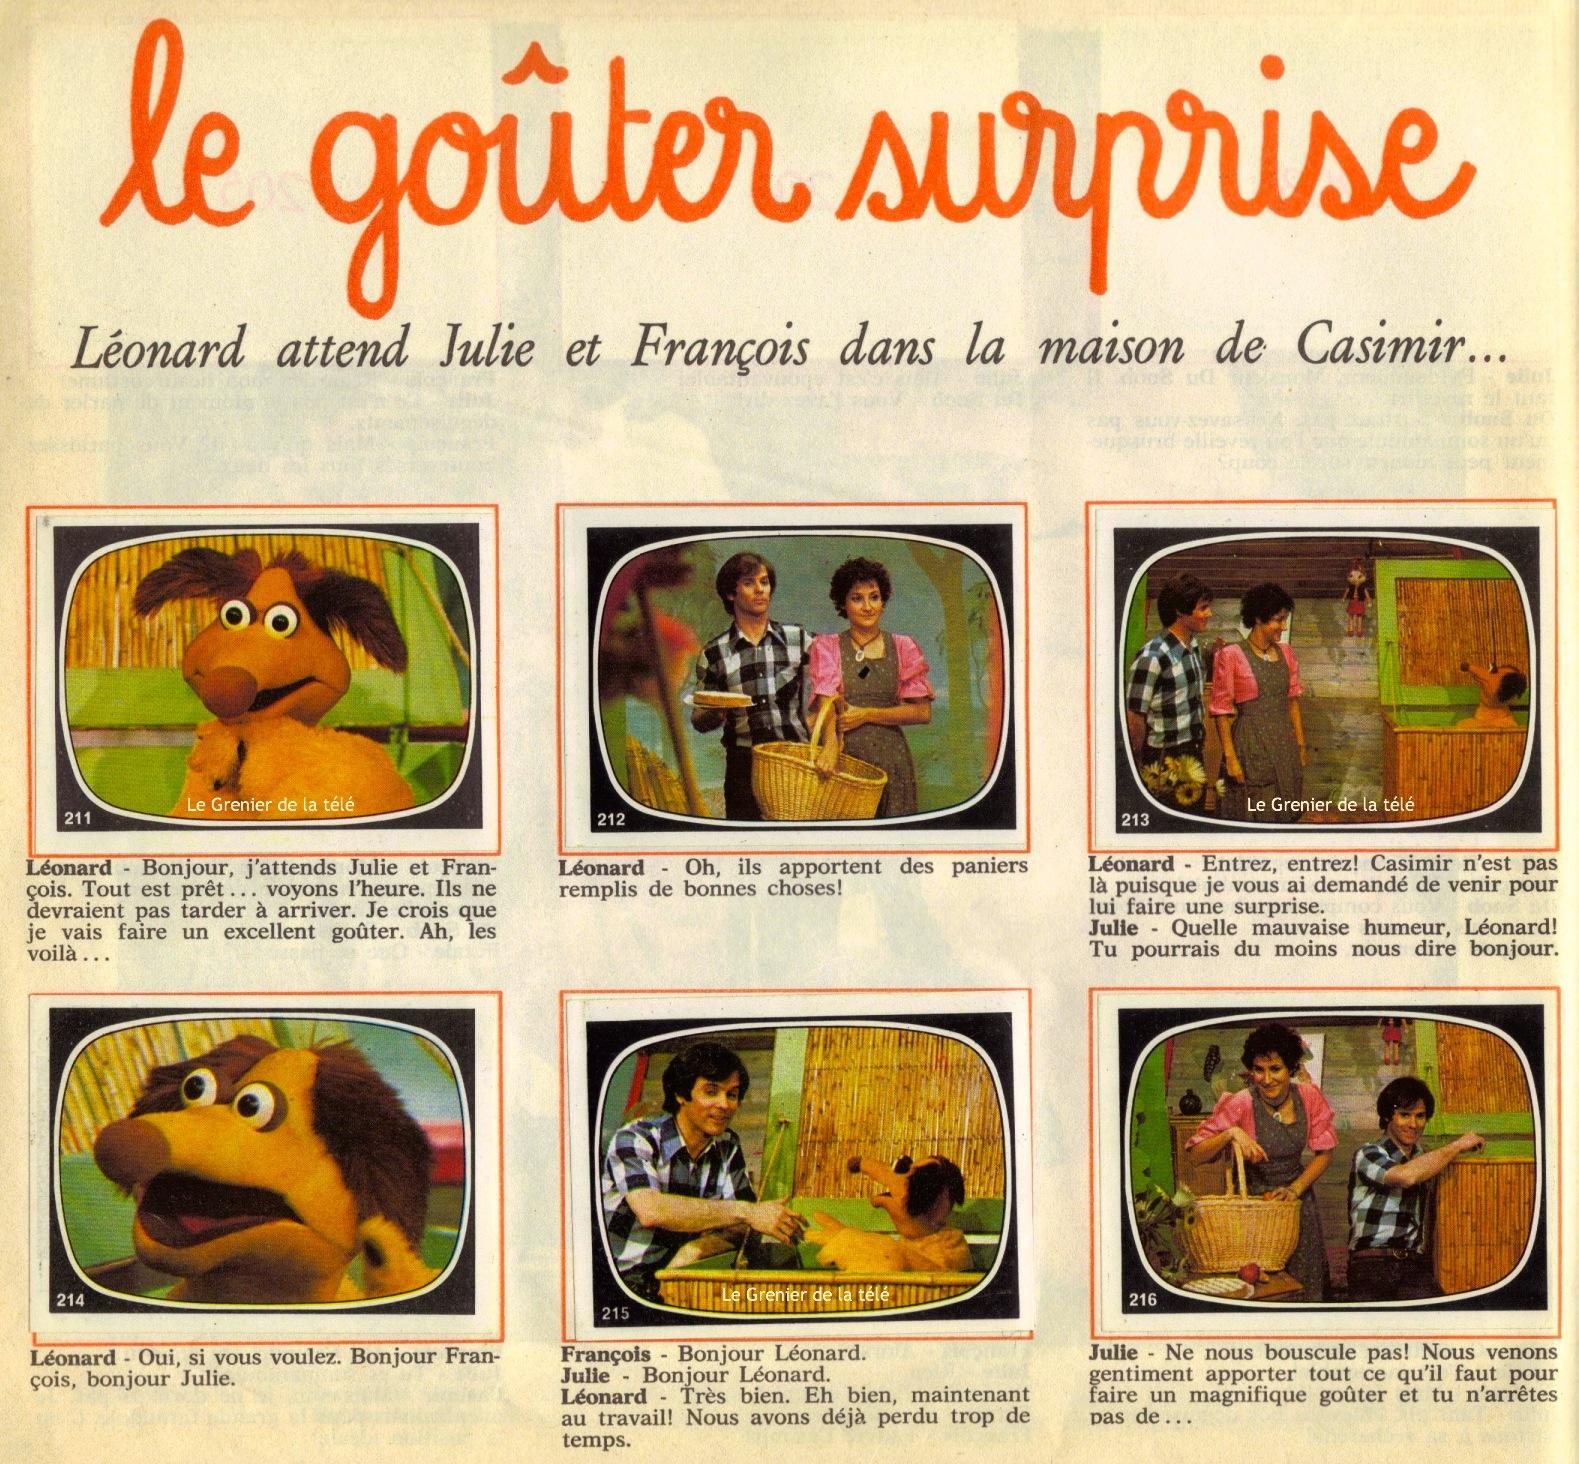 http://grenierdelatv.free.fr/2/casimirpanini29.jpg